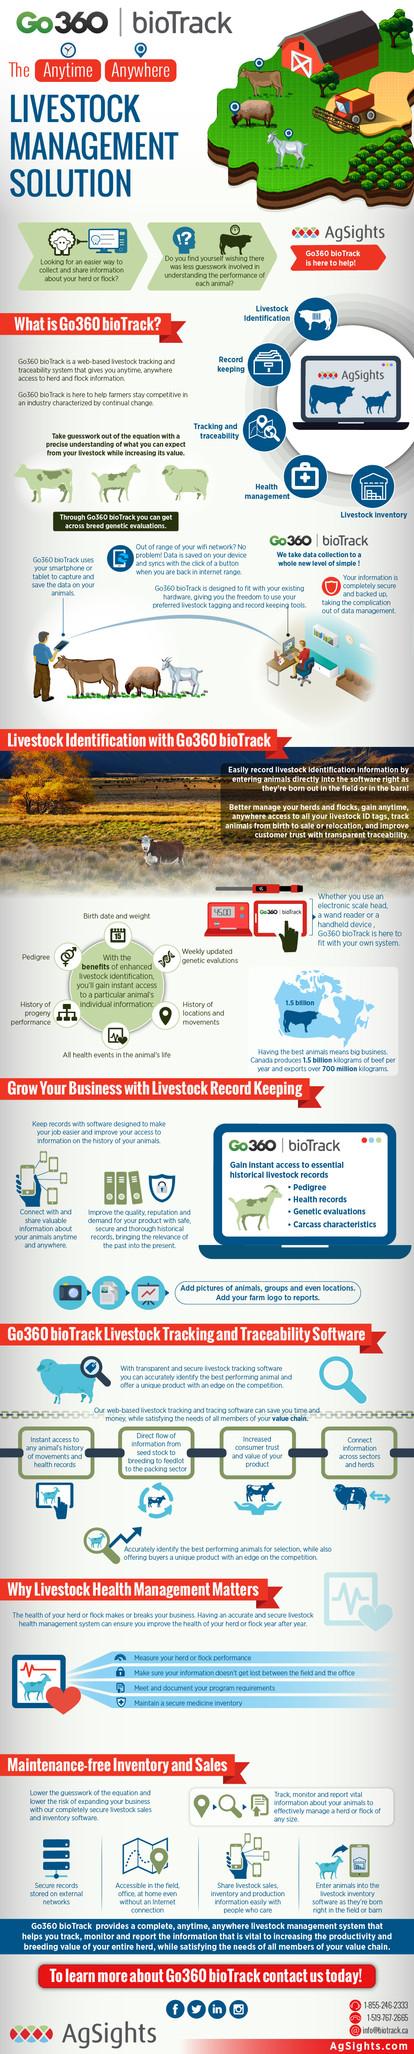 Livestock Management Solution